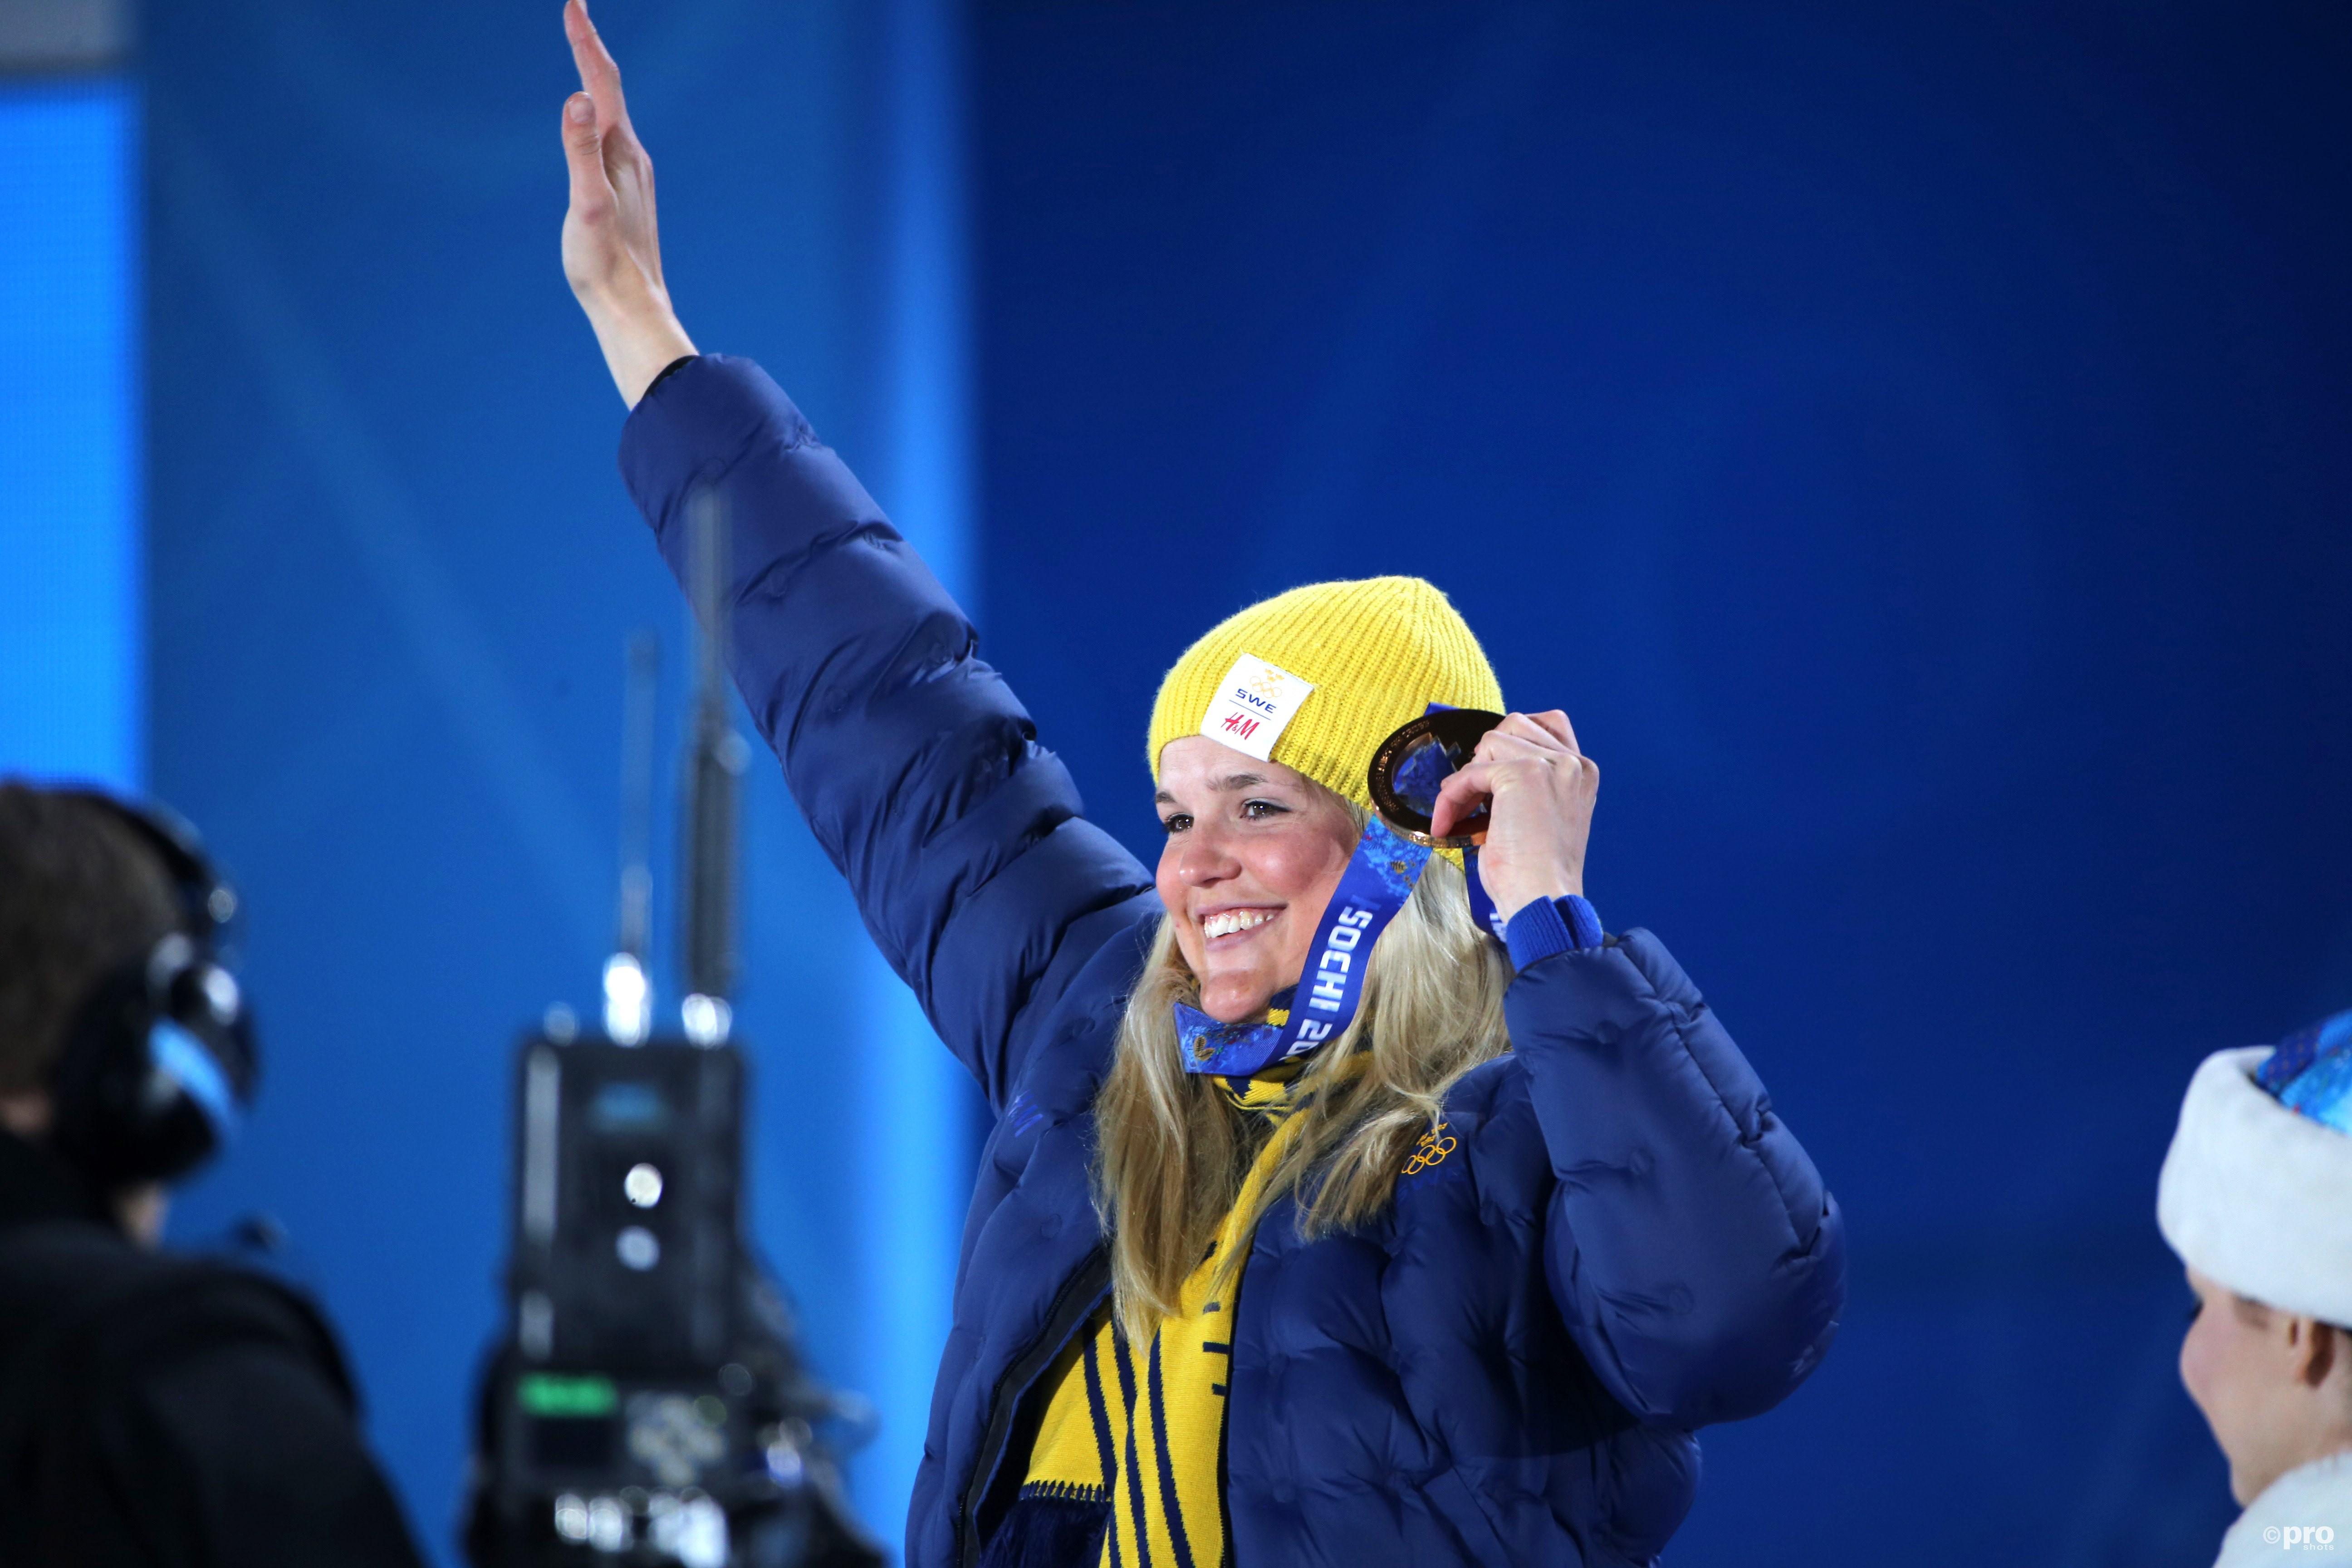 In Sochi won Holmlund nog zilver op de skicross, nu zit ze in een rolstoel en kost zelfs praten enorme moeite (Pro Shot/Gepa)